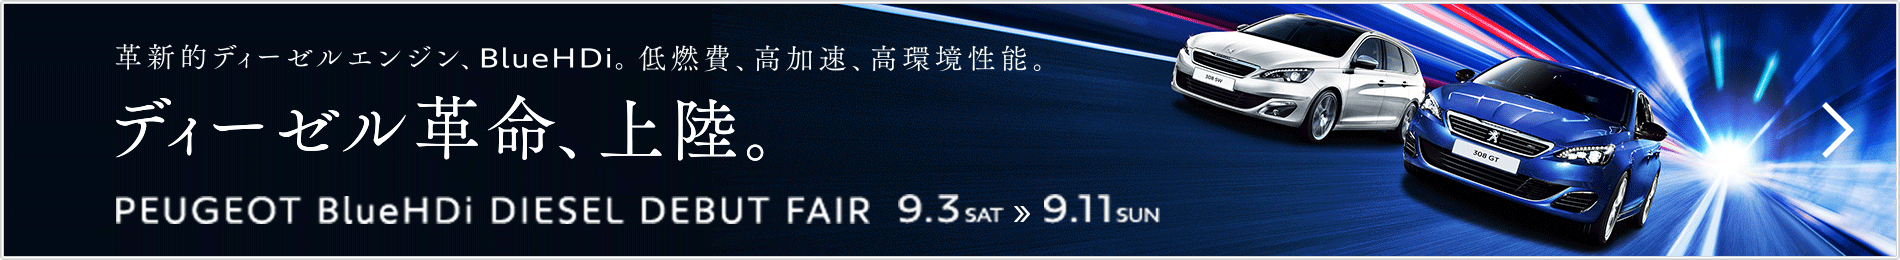 革新的ディーゼルエンジン、BlueHDi。低燃費、高加速、高環境性能。ディーゼル革命、上陸。PEUGEOT Blue HDi DIESEL DEBUT FAIR 9.3 SAT » 9.11 SUN  詳しくはこちら>